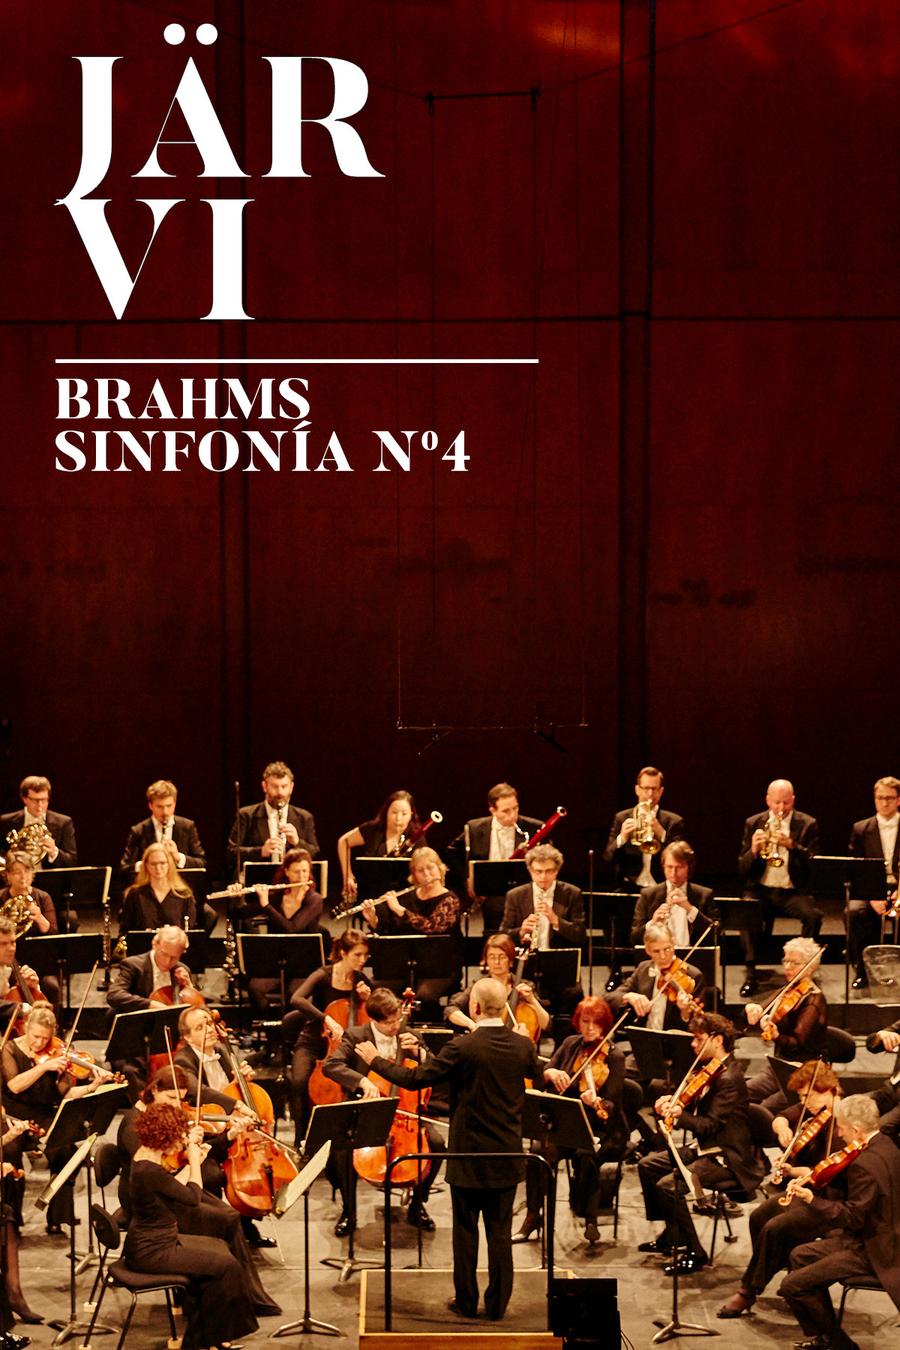 La cuarta sinfonía de Brahms